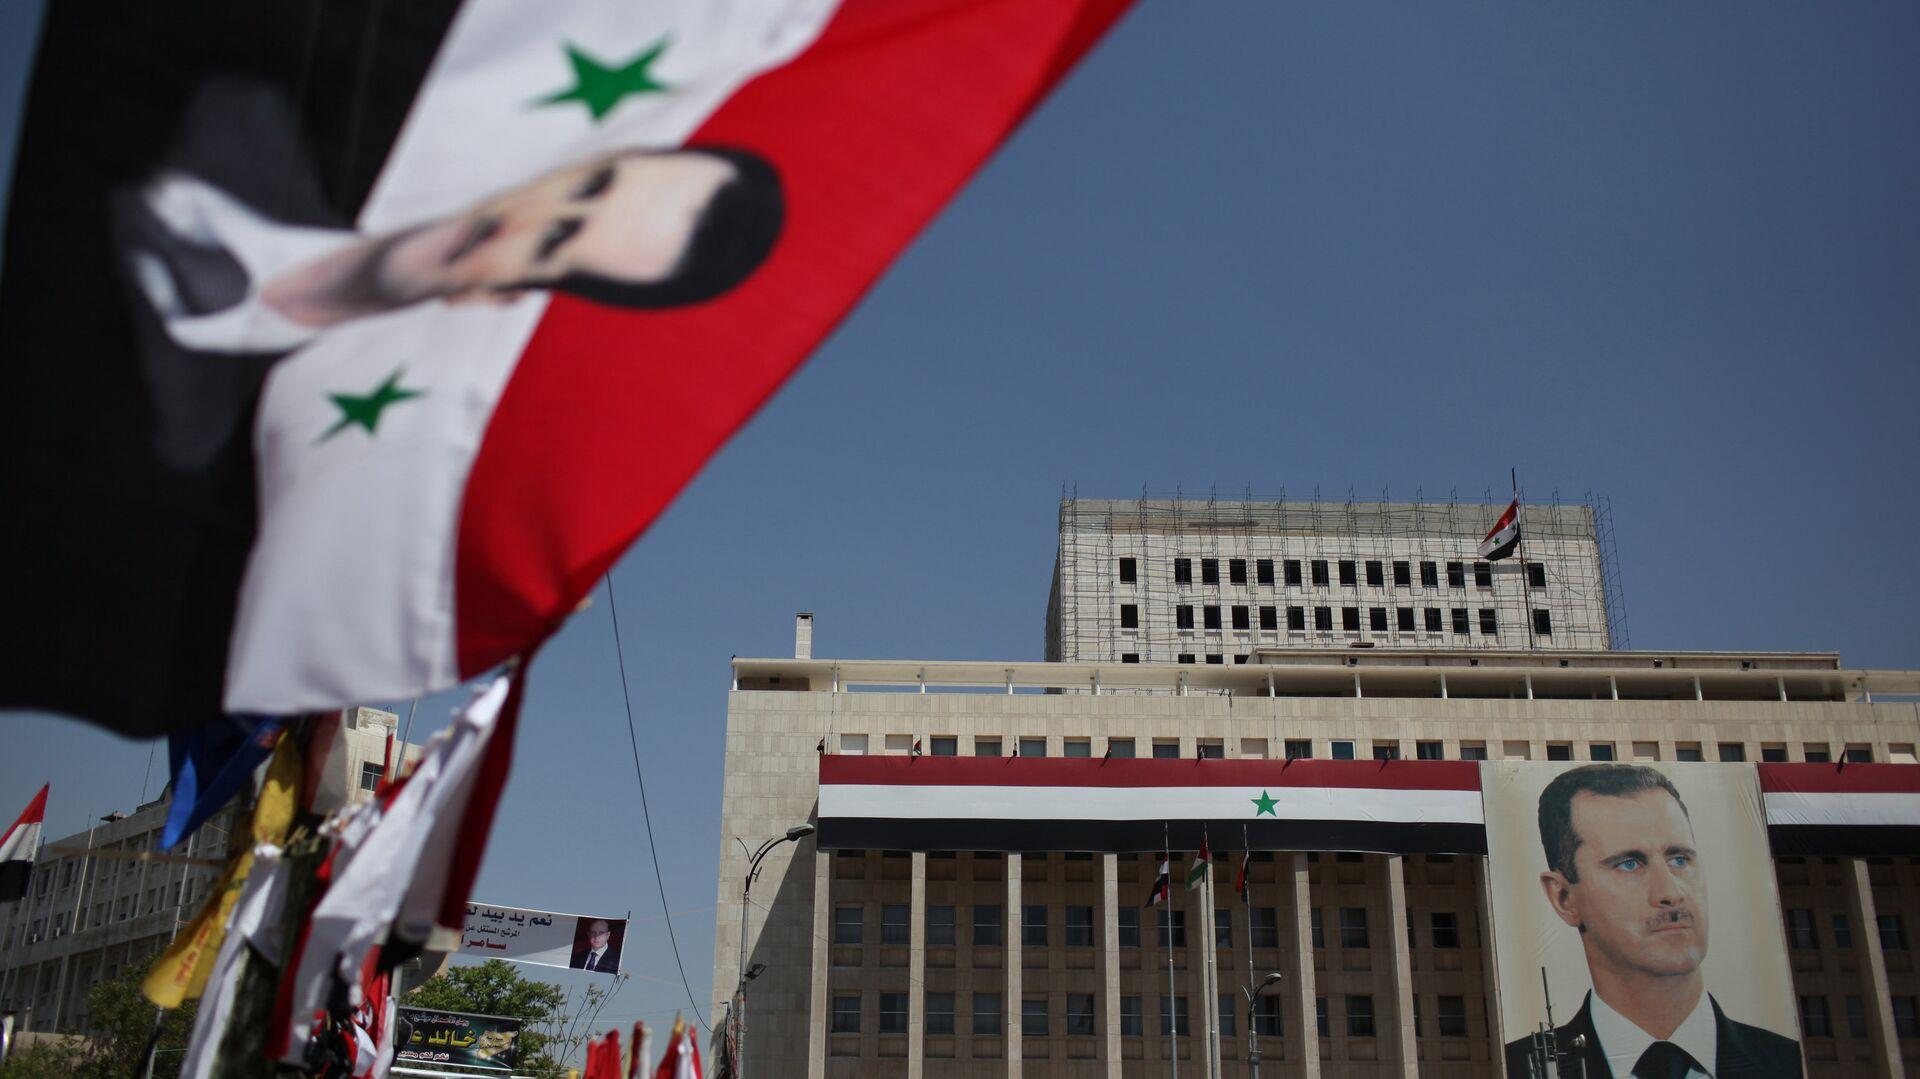 Портрет президента Башара Асада в Дамаске - РИА Новости, 1920, 15.09.2020